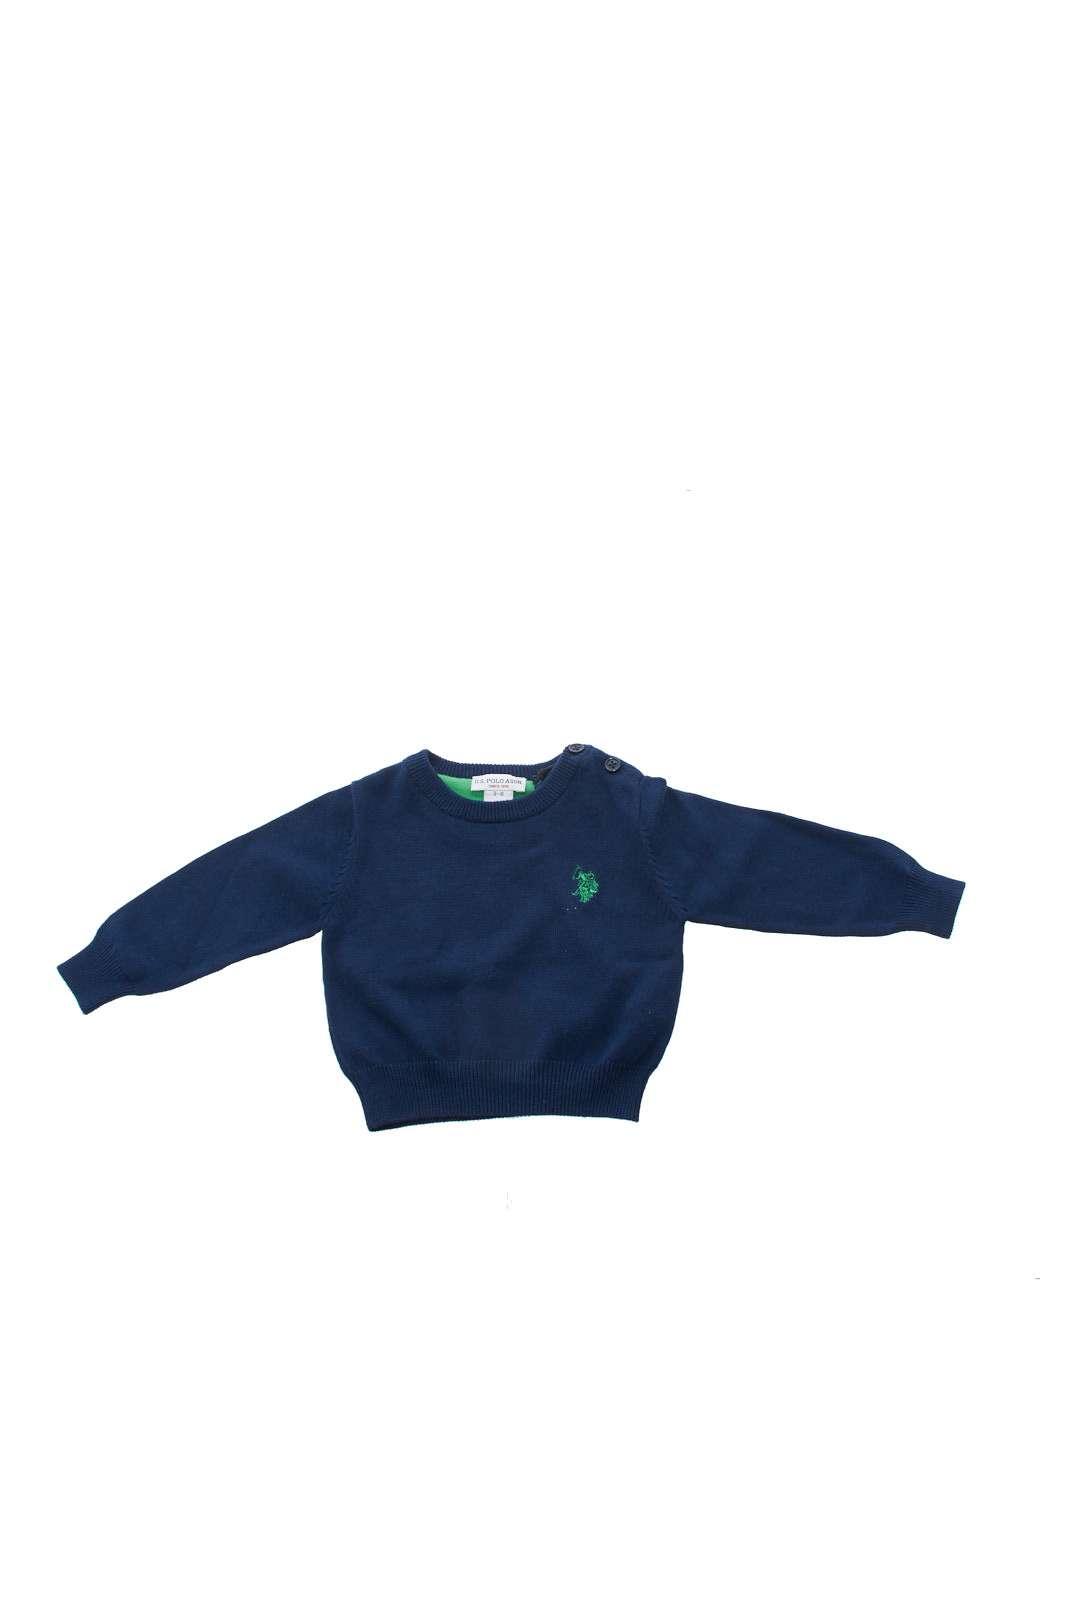 Leggero, elegante e ricco di stile, questo maglioncino US Polo Assn. Perfetto per regalare al tuo bambino un outfit curato, trendy, e allo stesso tempo pratico e comodo da indossare. Un passepartout per i look più piccoli.